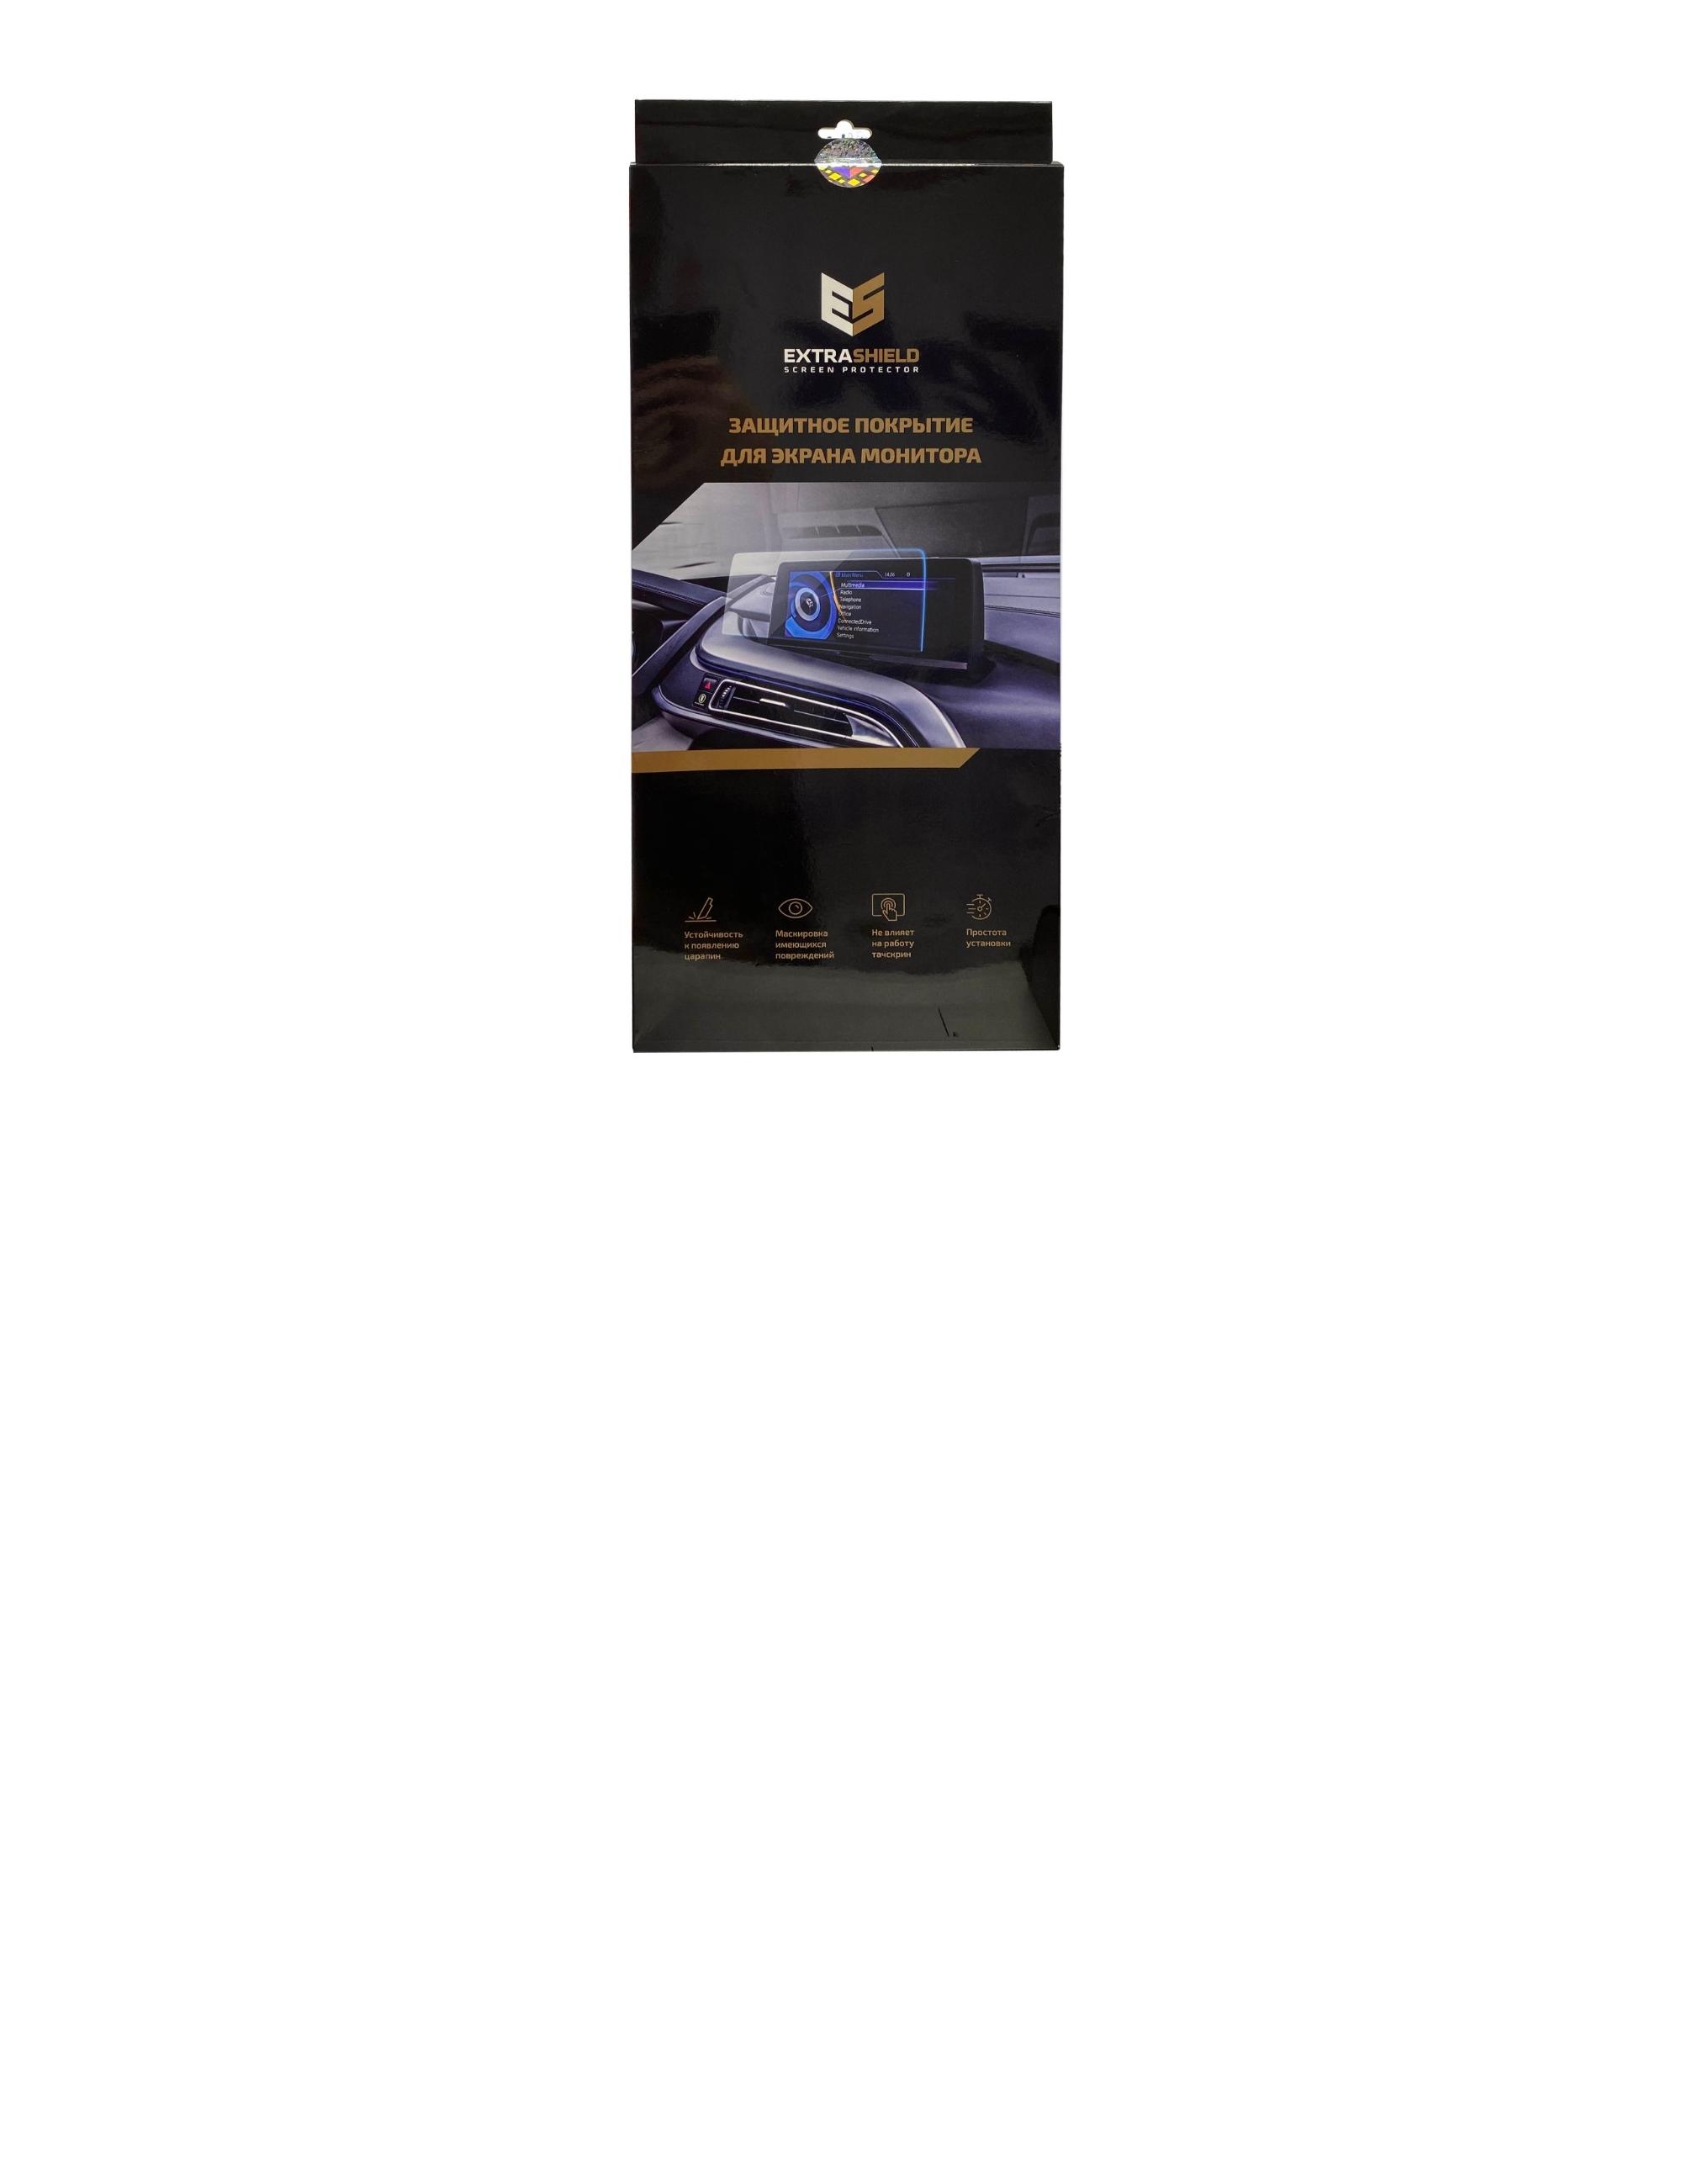 Audi A6 (С8) 2018 - н.в. мультимедиа+климат контроль 10.2-8.6 Защитное стекло Матовая